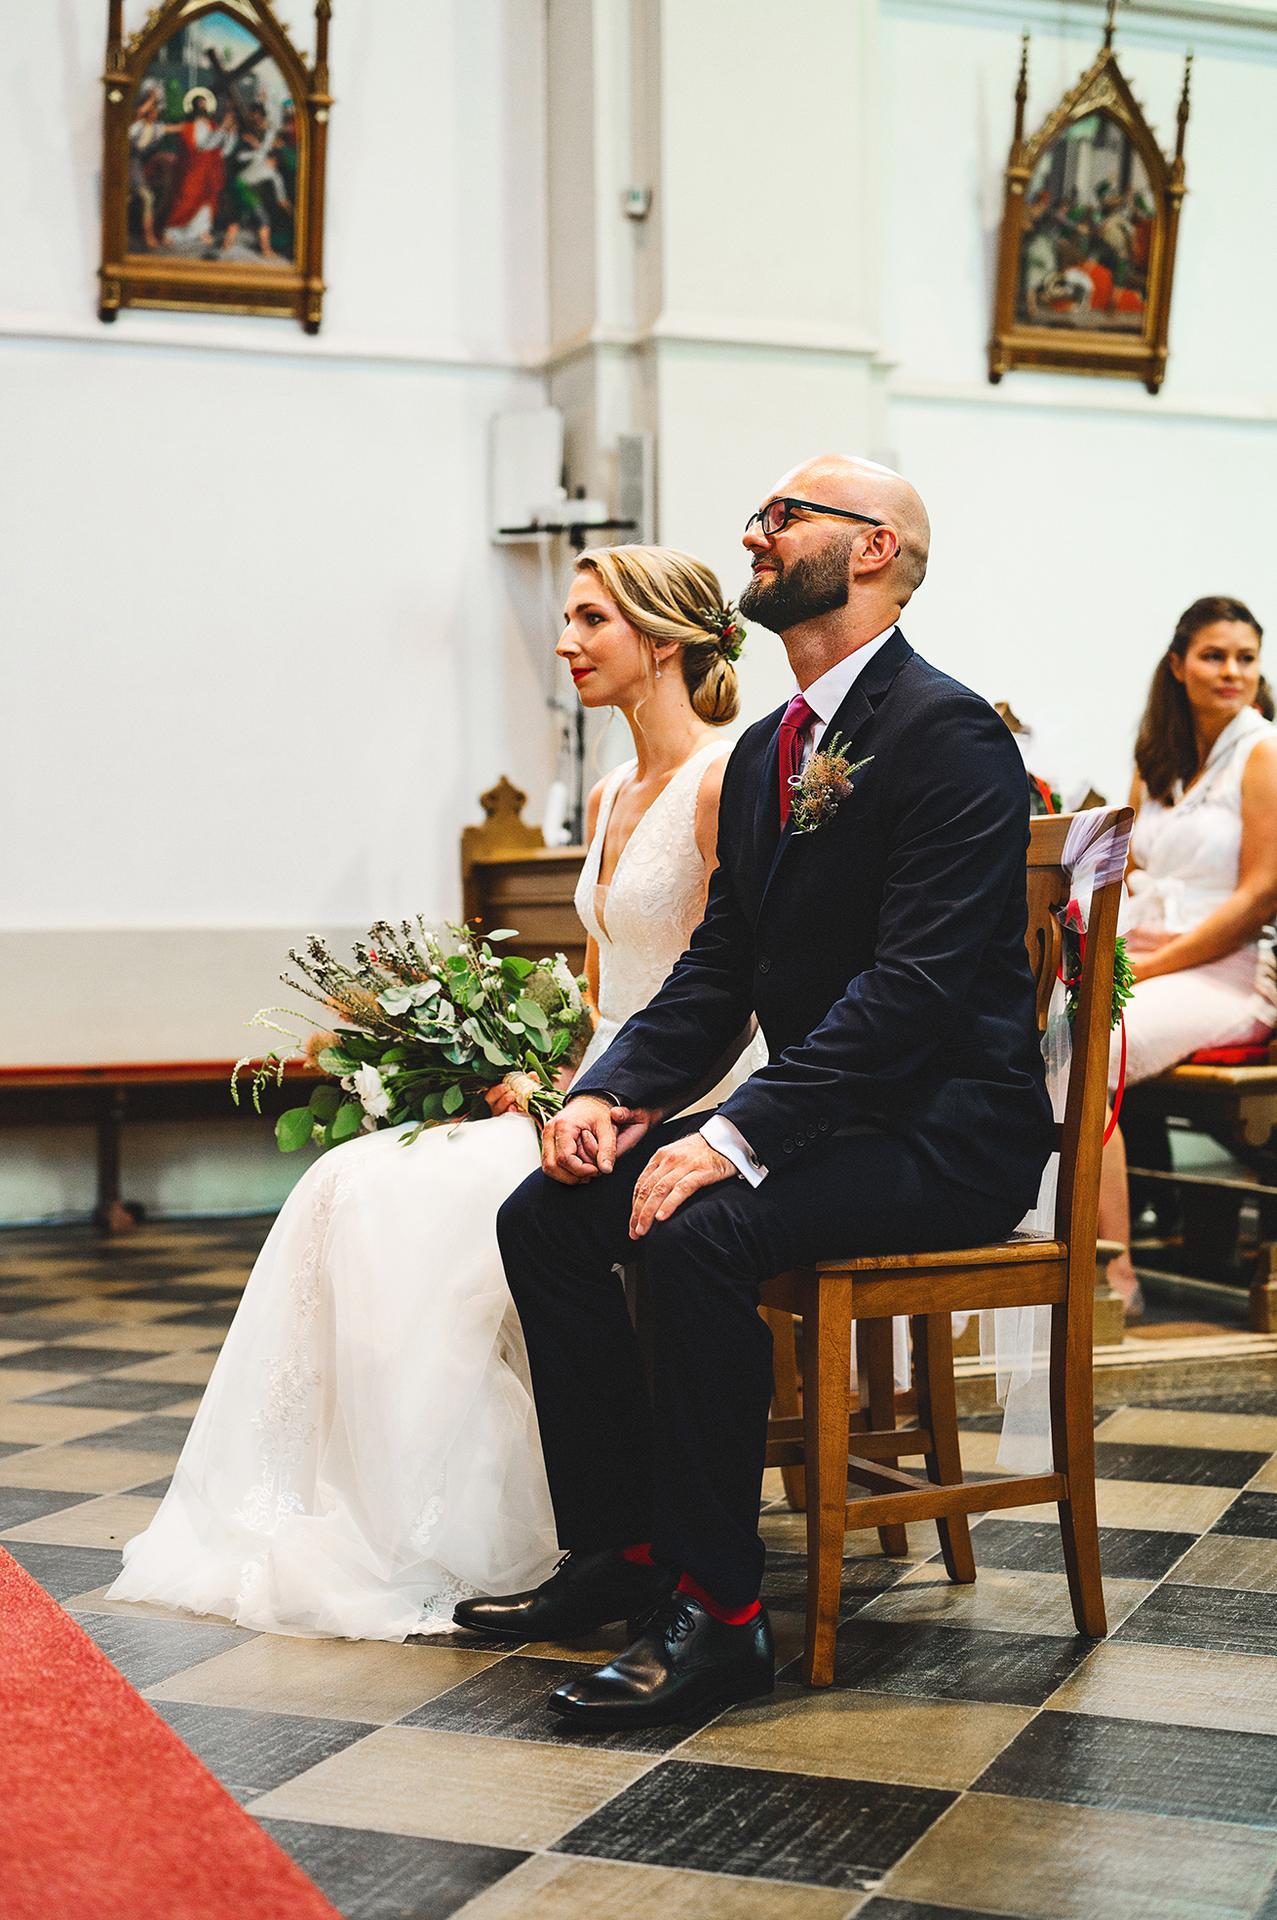 Svatba Praha 13 - Obrázek č. 2